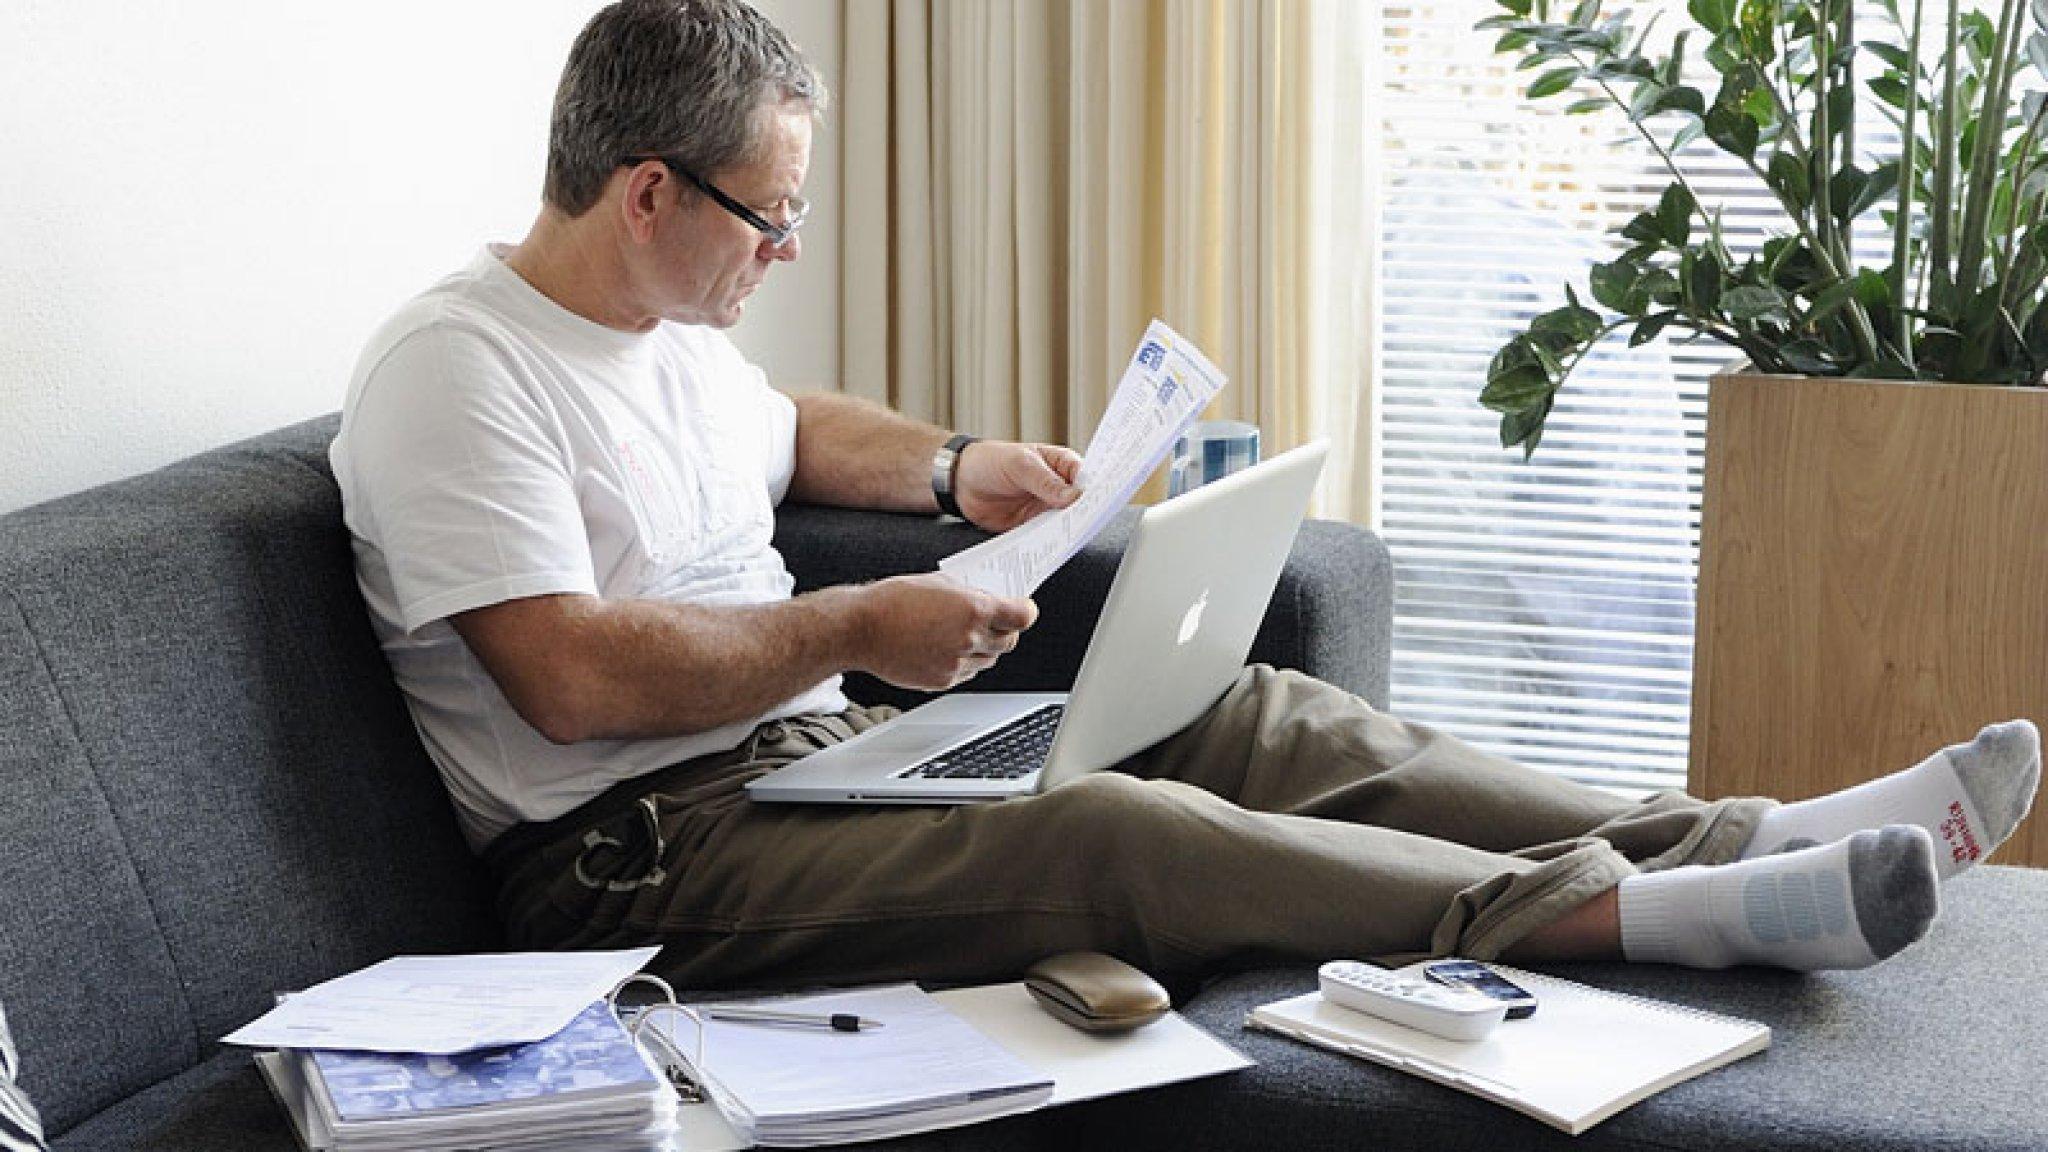 Kan thuiswerken dan ook door de werknemer bij de rechter worden afgedwongen? (bron: Rutten en Welling Advocaten)